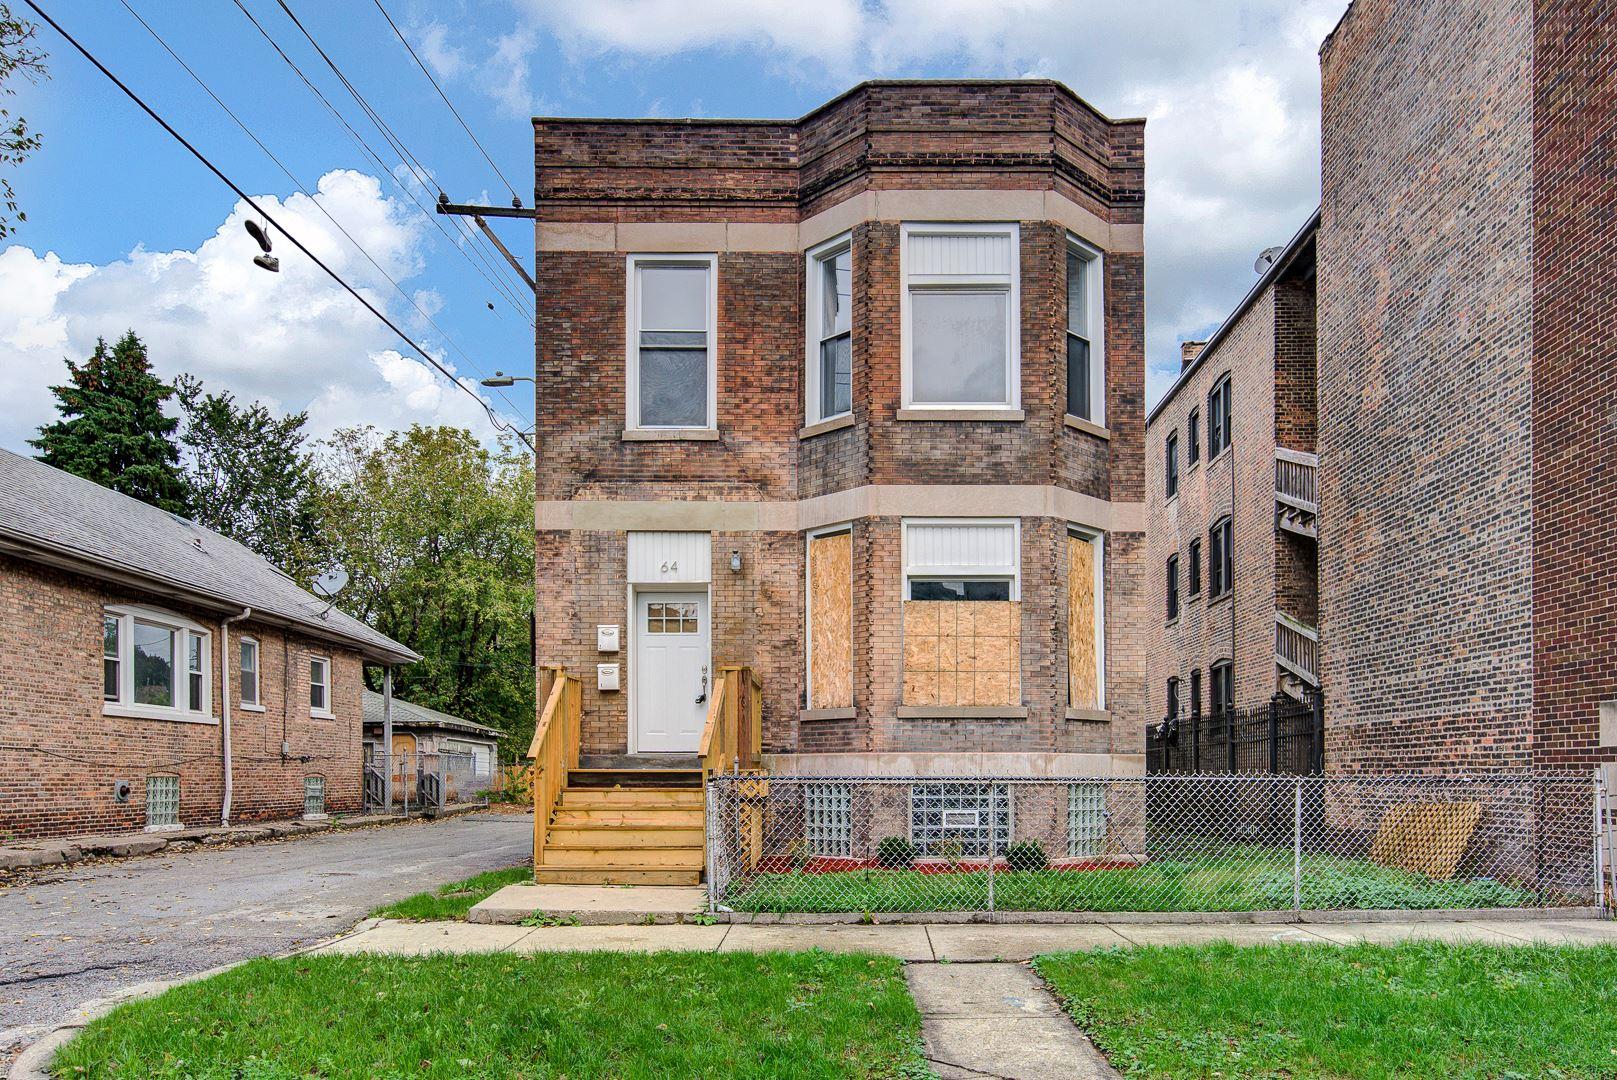 64 E 68th Street, Chicago, IL 60637 - #: 11247640